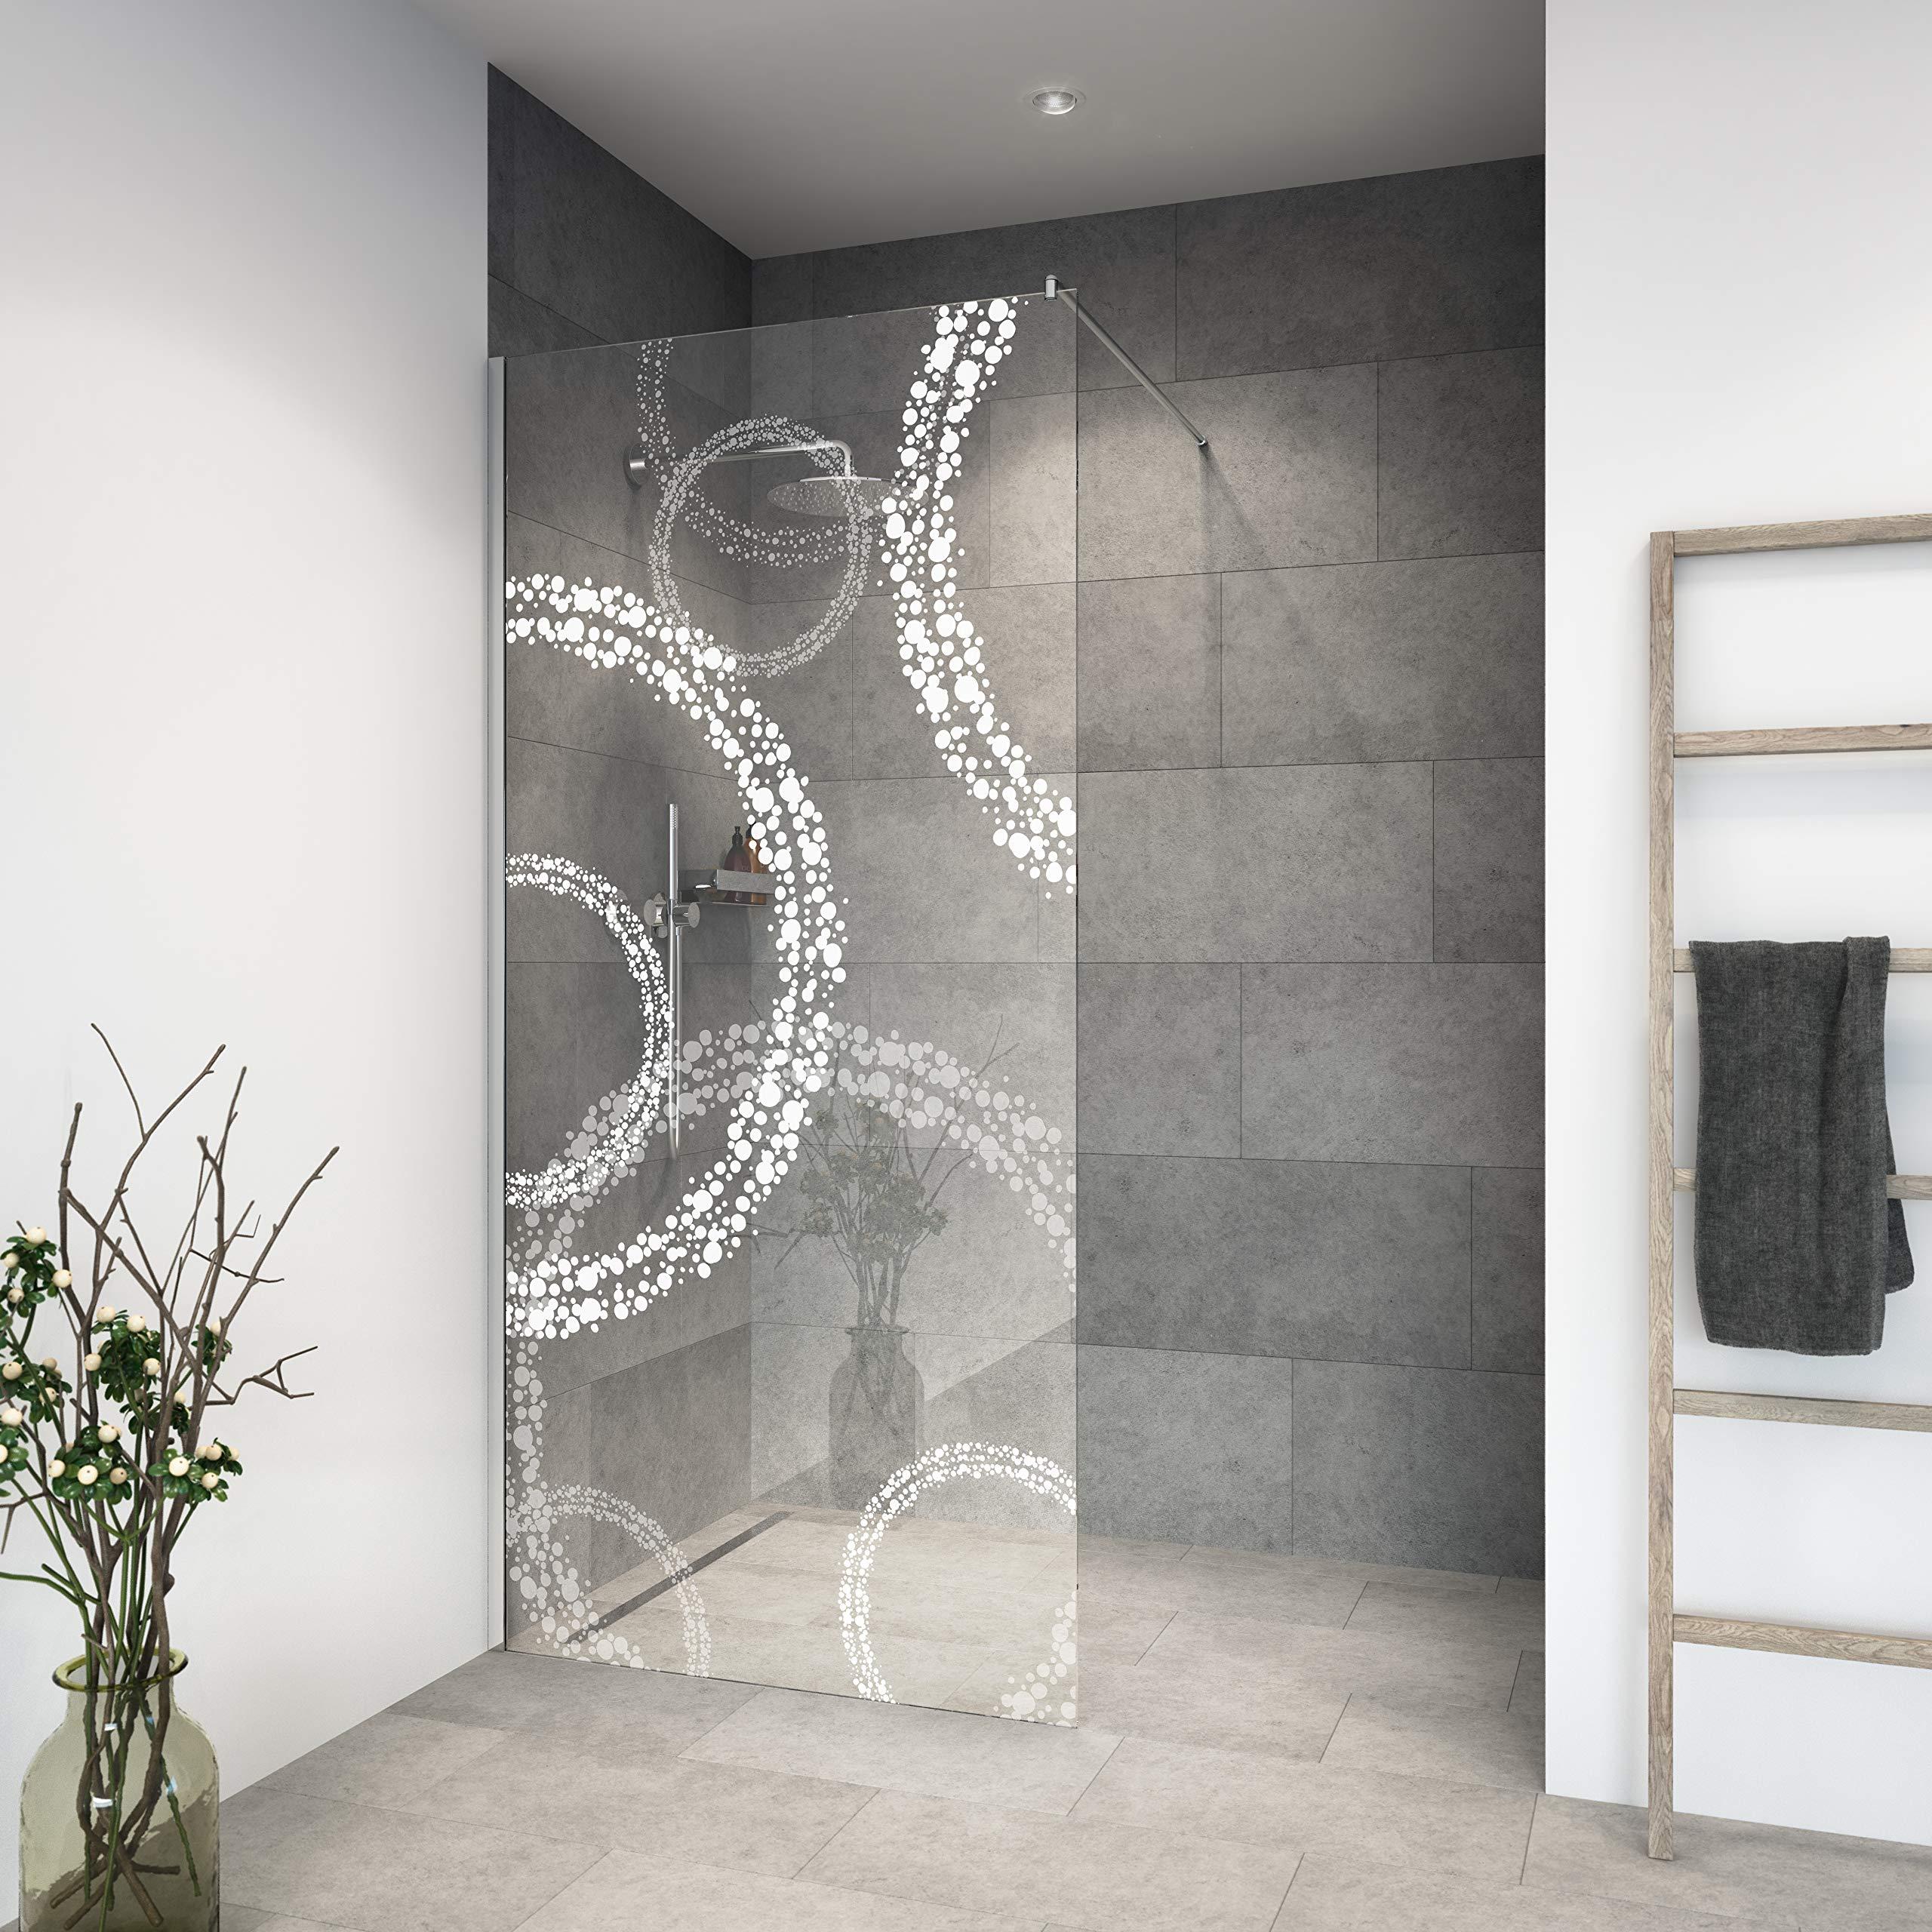 Mampara de ducha de vidrio templado con decoración LaserVision_020, ducha de cristal, grabado láser, varios diseños y dimensiones, incluye perfiles en cromo (alimentación premium)., 1100x2000mm: Amazon.es: Hogar